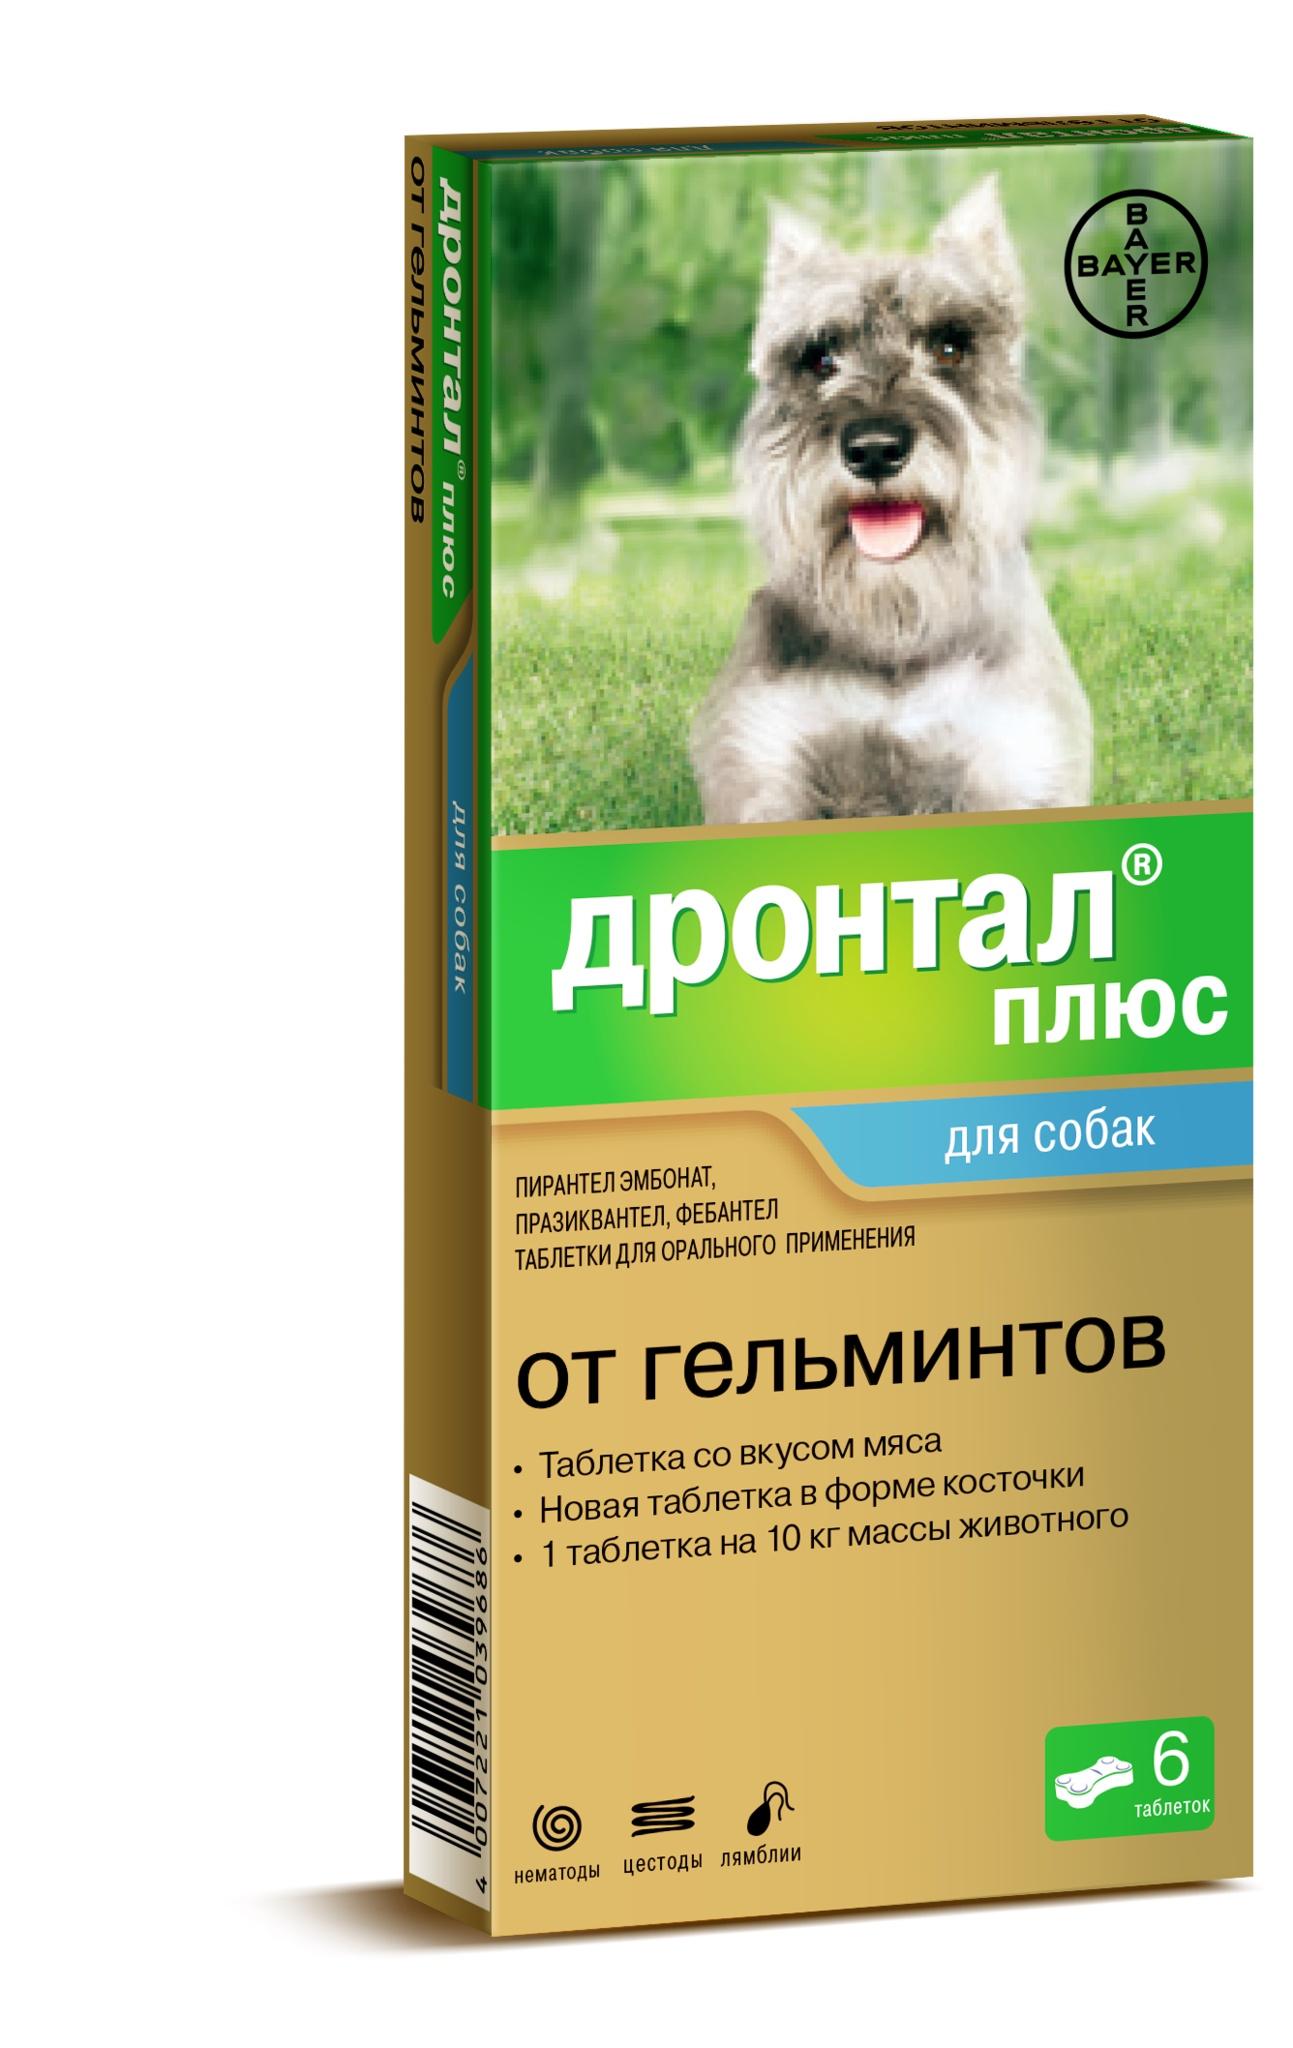 Bayer Golden Line Дронтал плюс косточка для собак малых и средних пород (от глистов) (6 таб.)